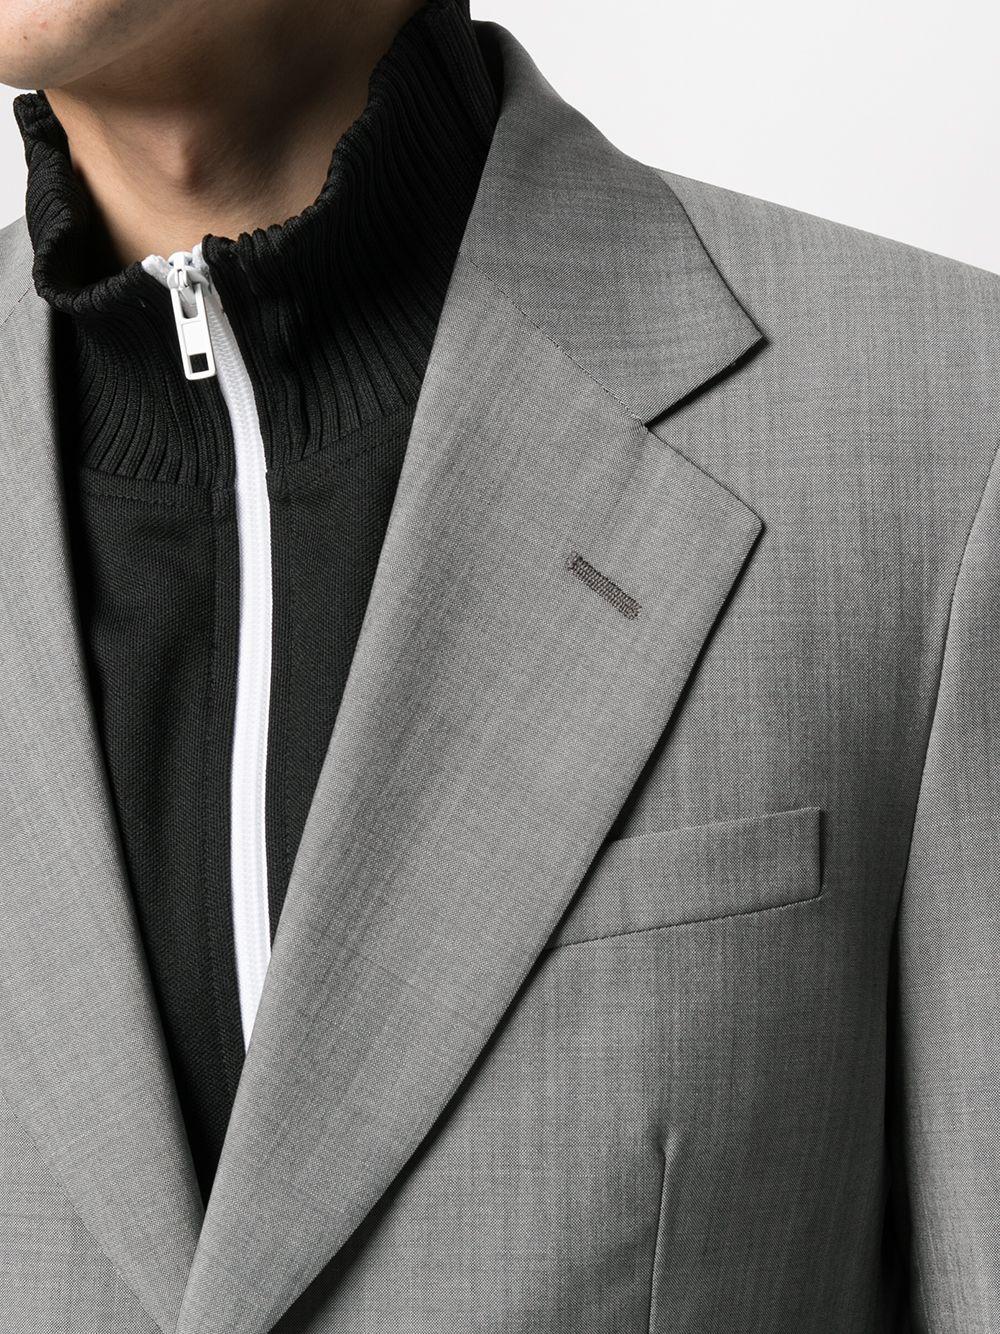 MAISON MARGIELA | Suits | S50FT0116 S52640854M